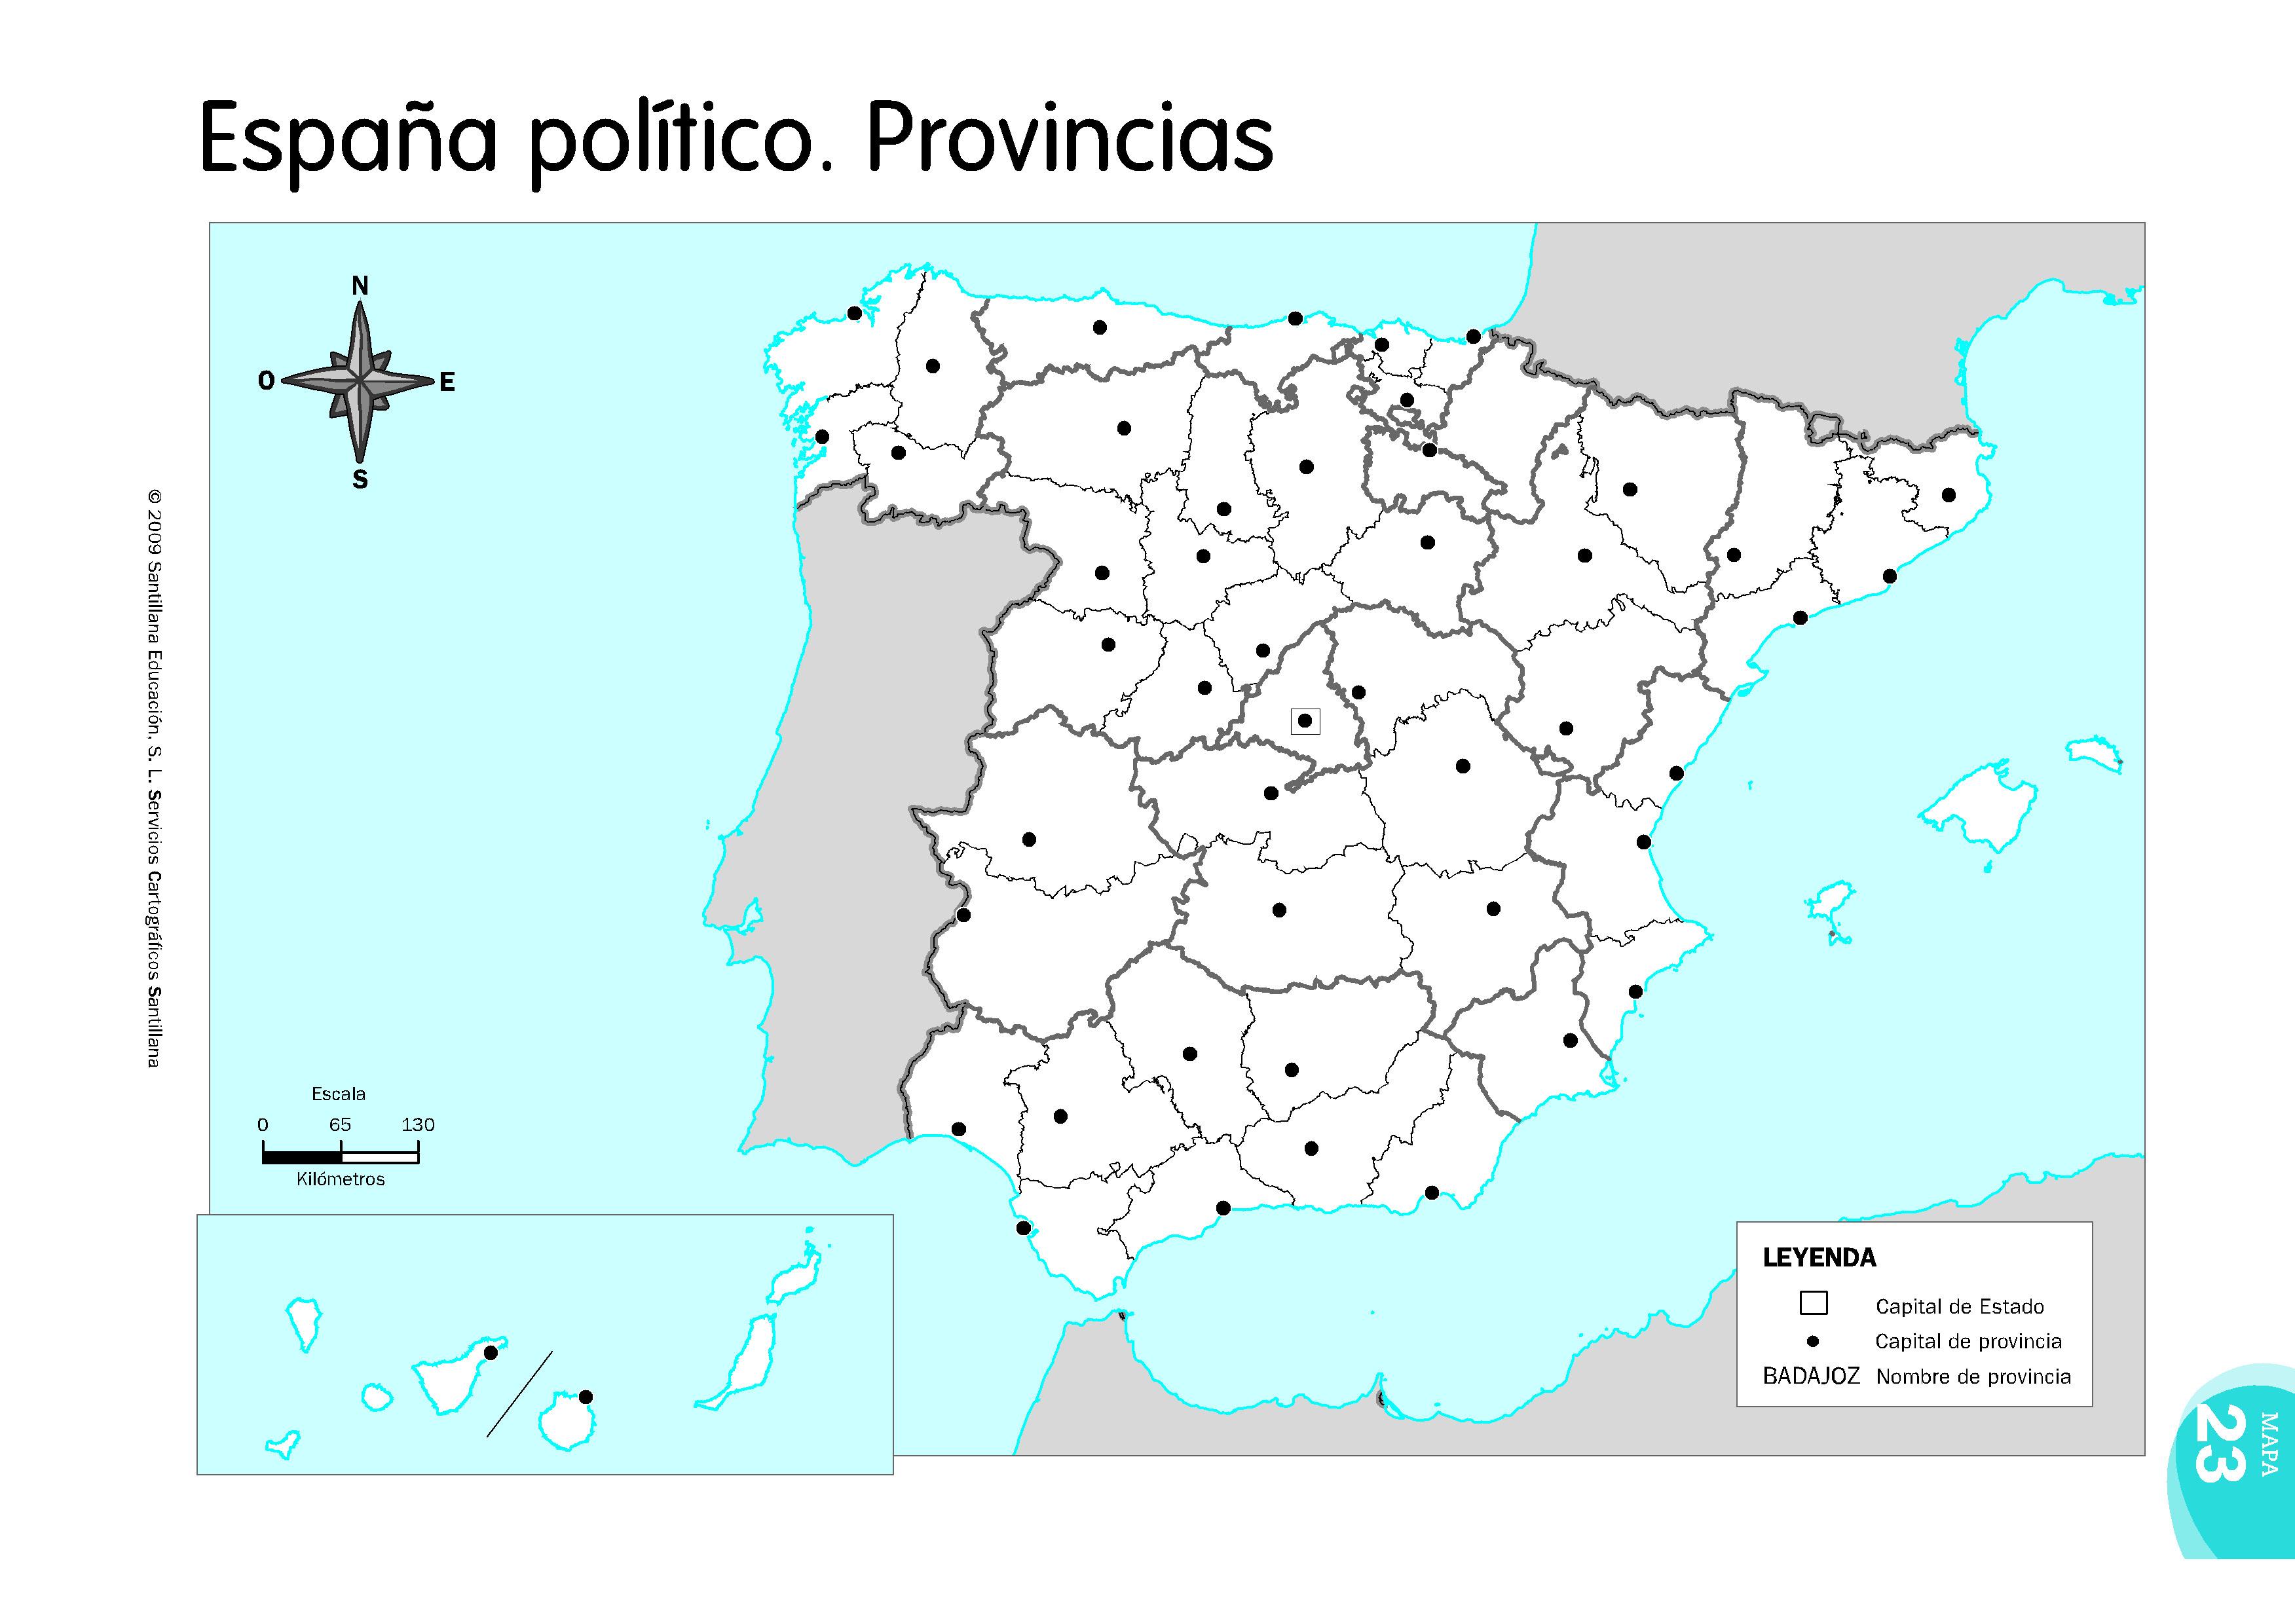 Mapa Mudo Comunidades Autonomas España Para Imprimir.La Escuela En Infantil Y Primaria Geografia De Espana Y